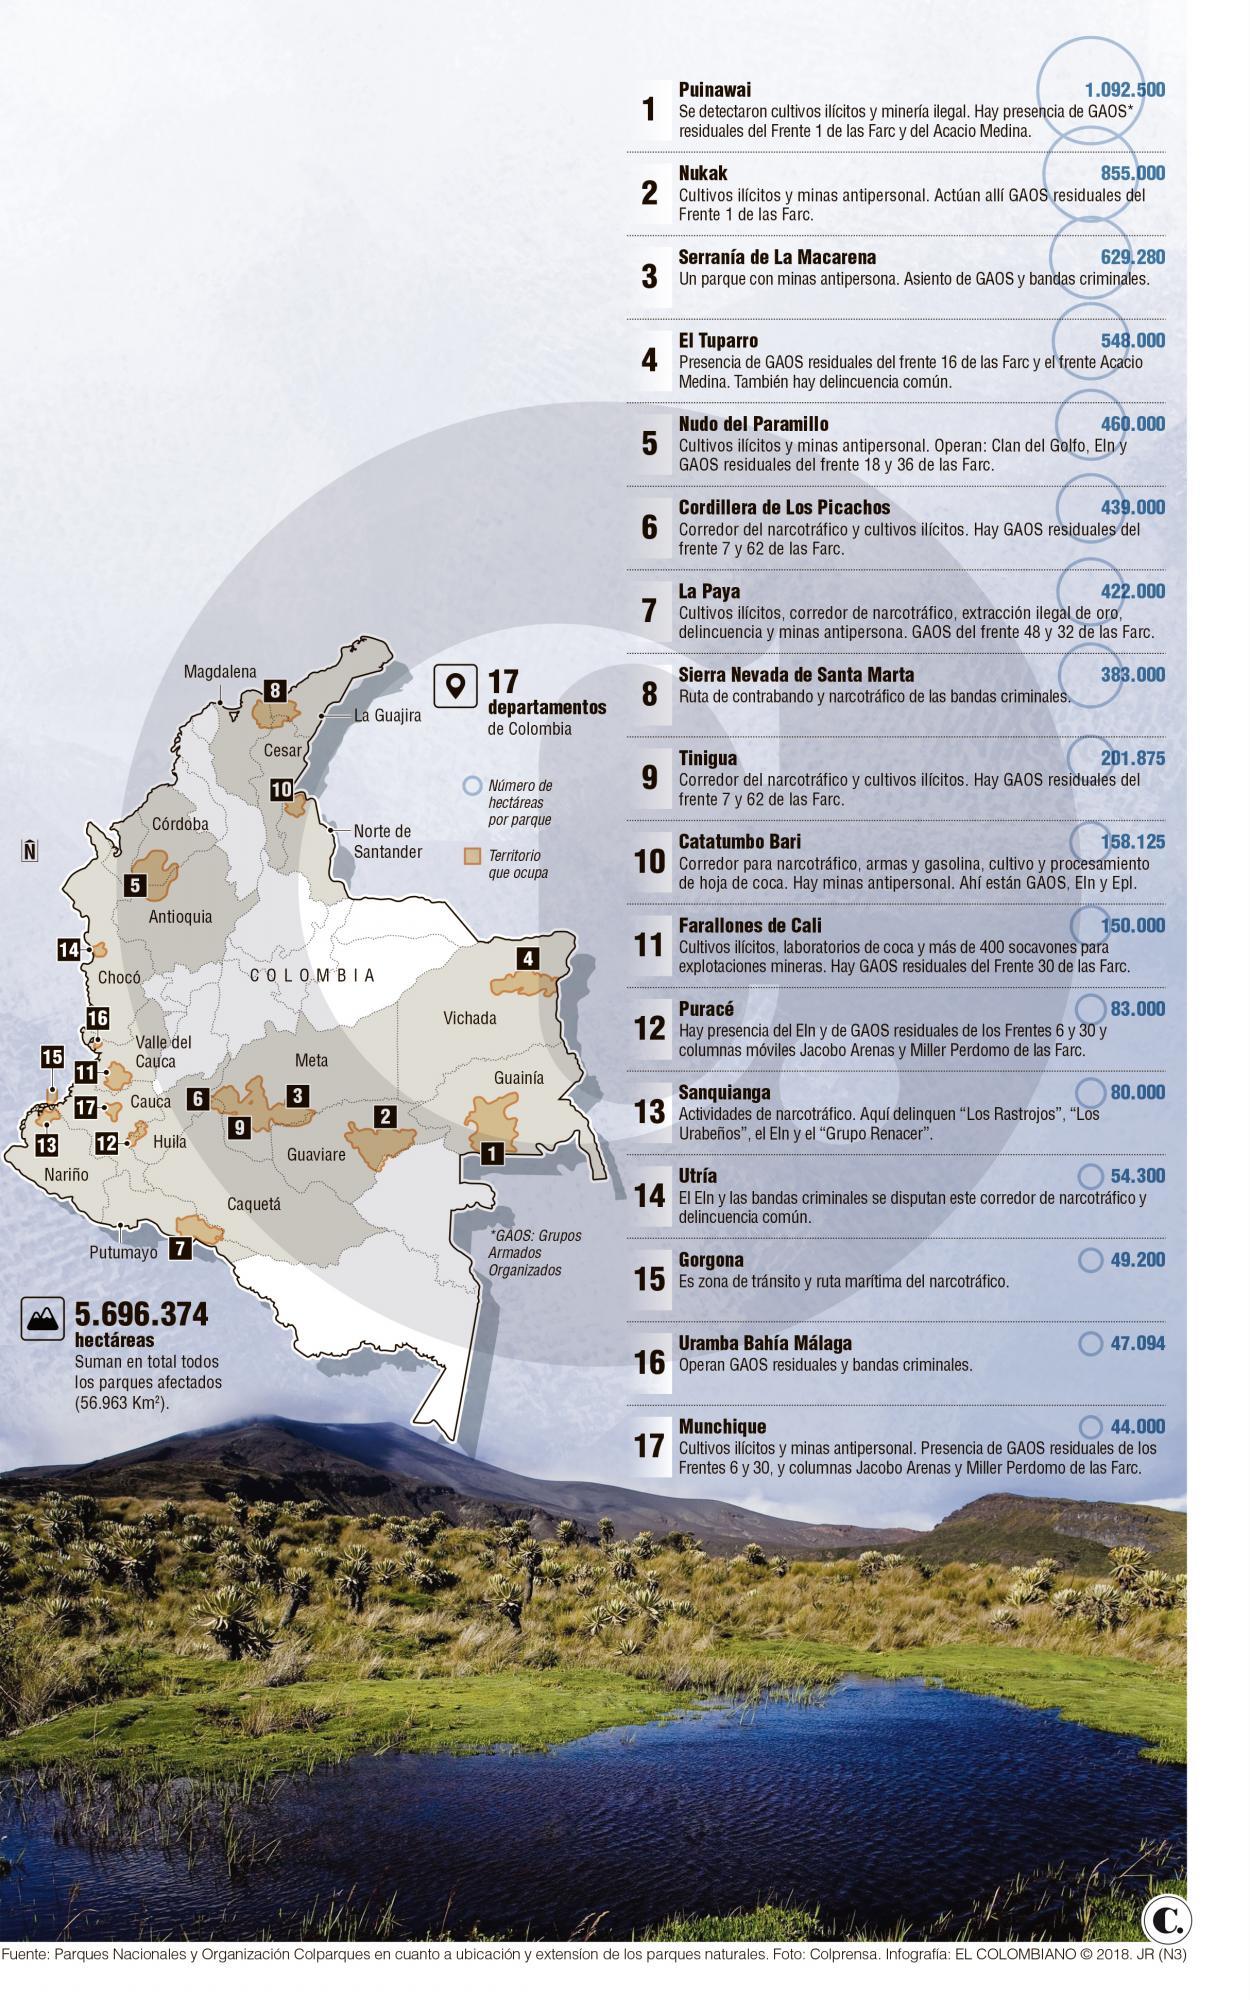 Así se enriquecen ilegales en 17 parques naturales de Colombia